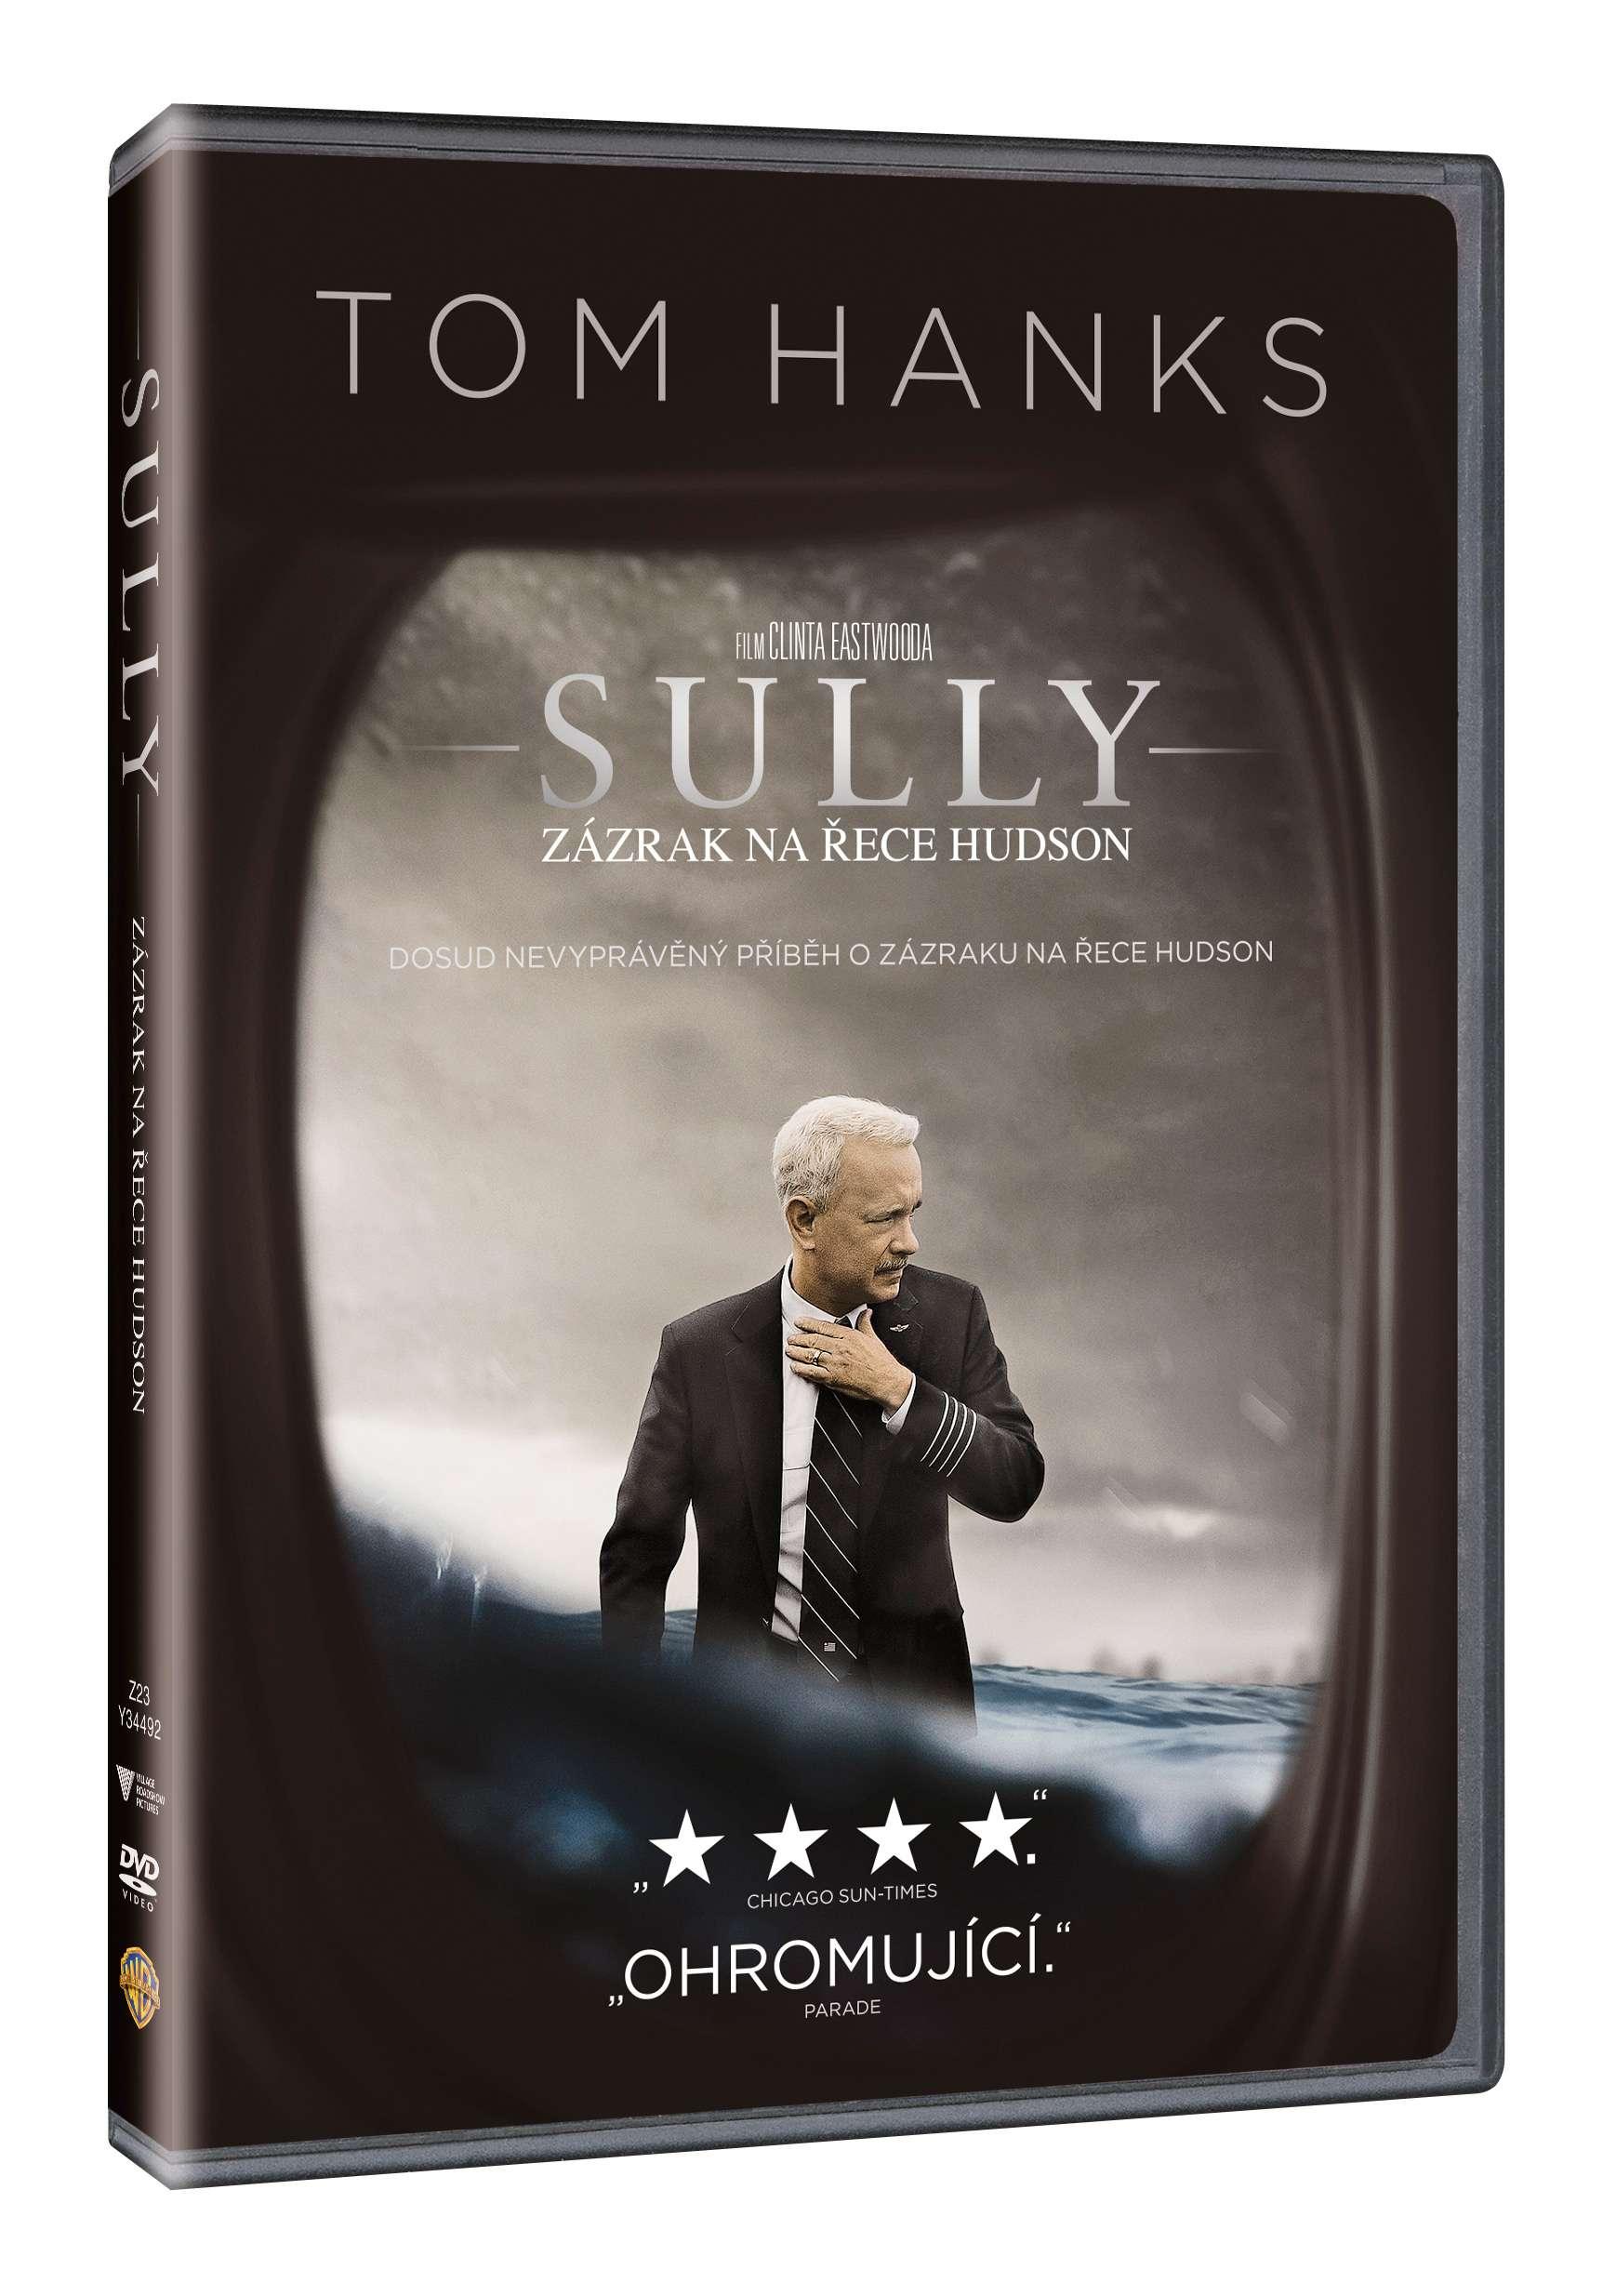 SULLY: ZÁZRAK NA ŘECE HUDSON - DVD